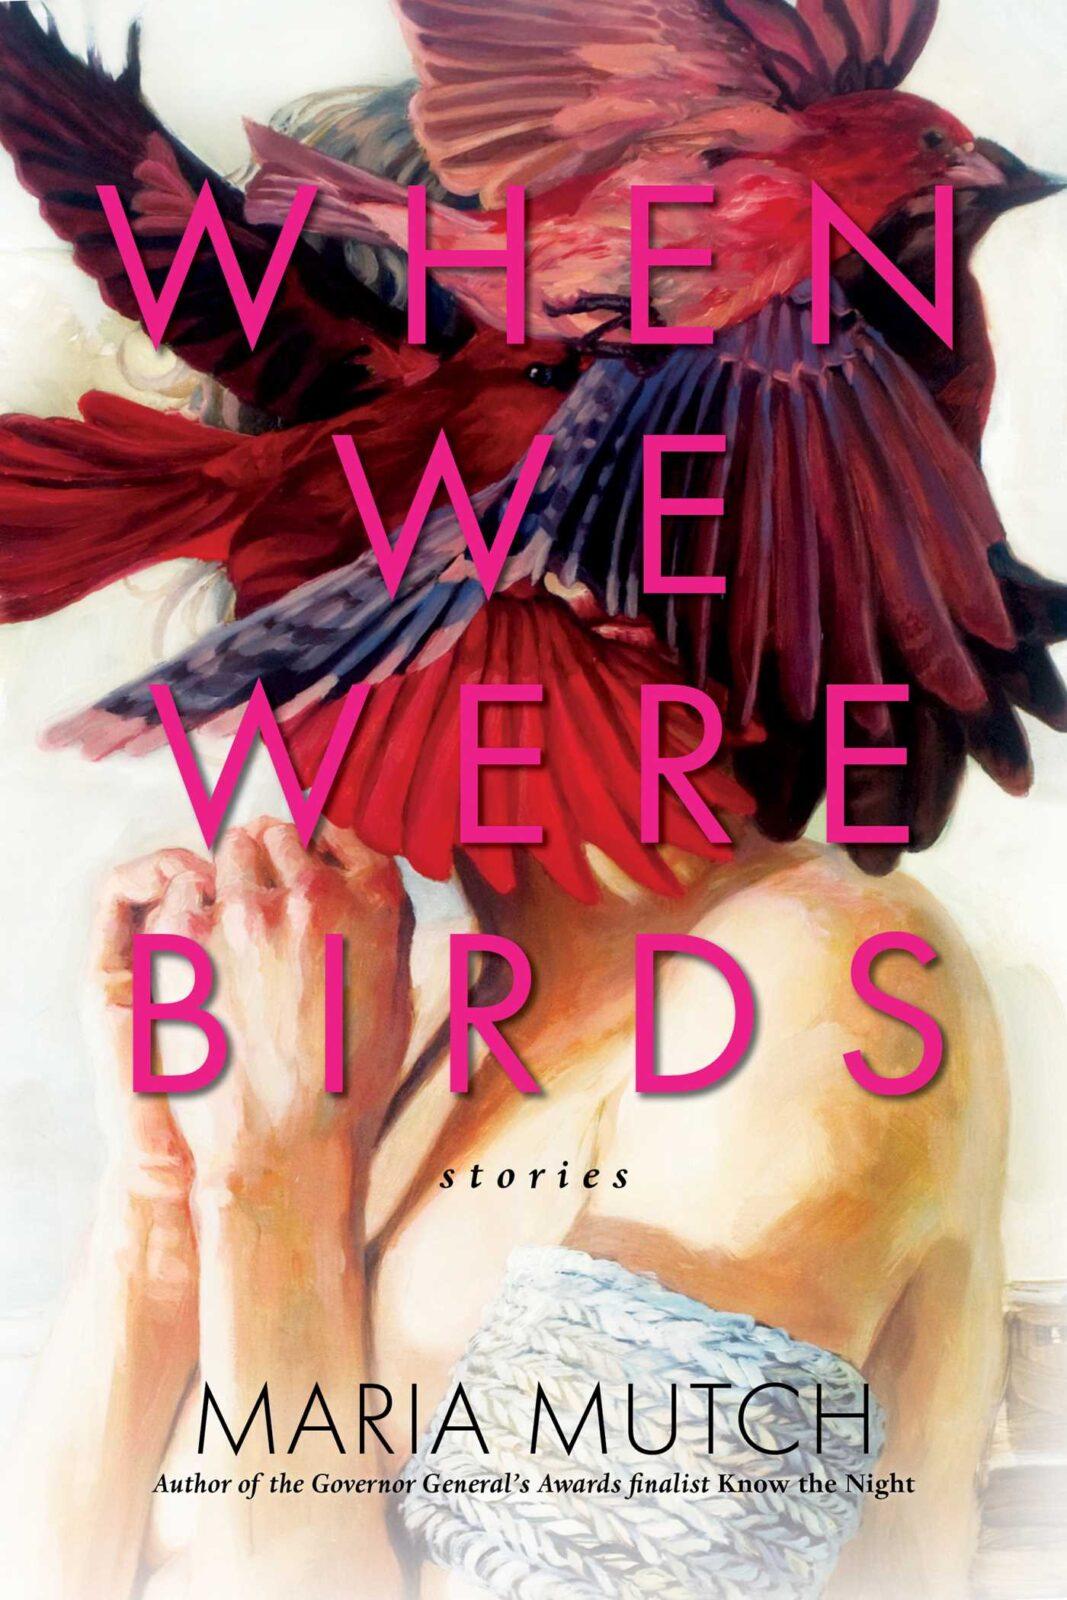 When we were Birds Maria Mutch - Short Stories By Women Toronto 2018 Edit Seven